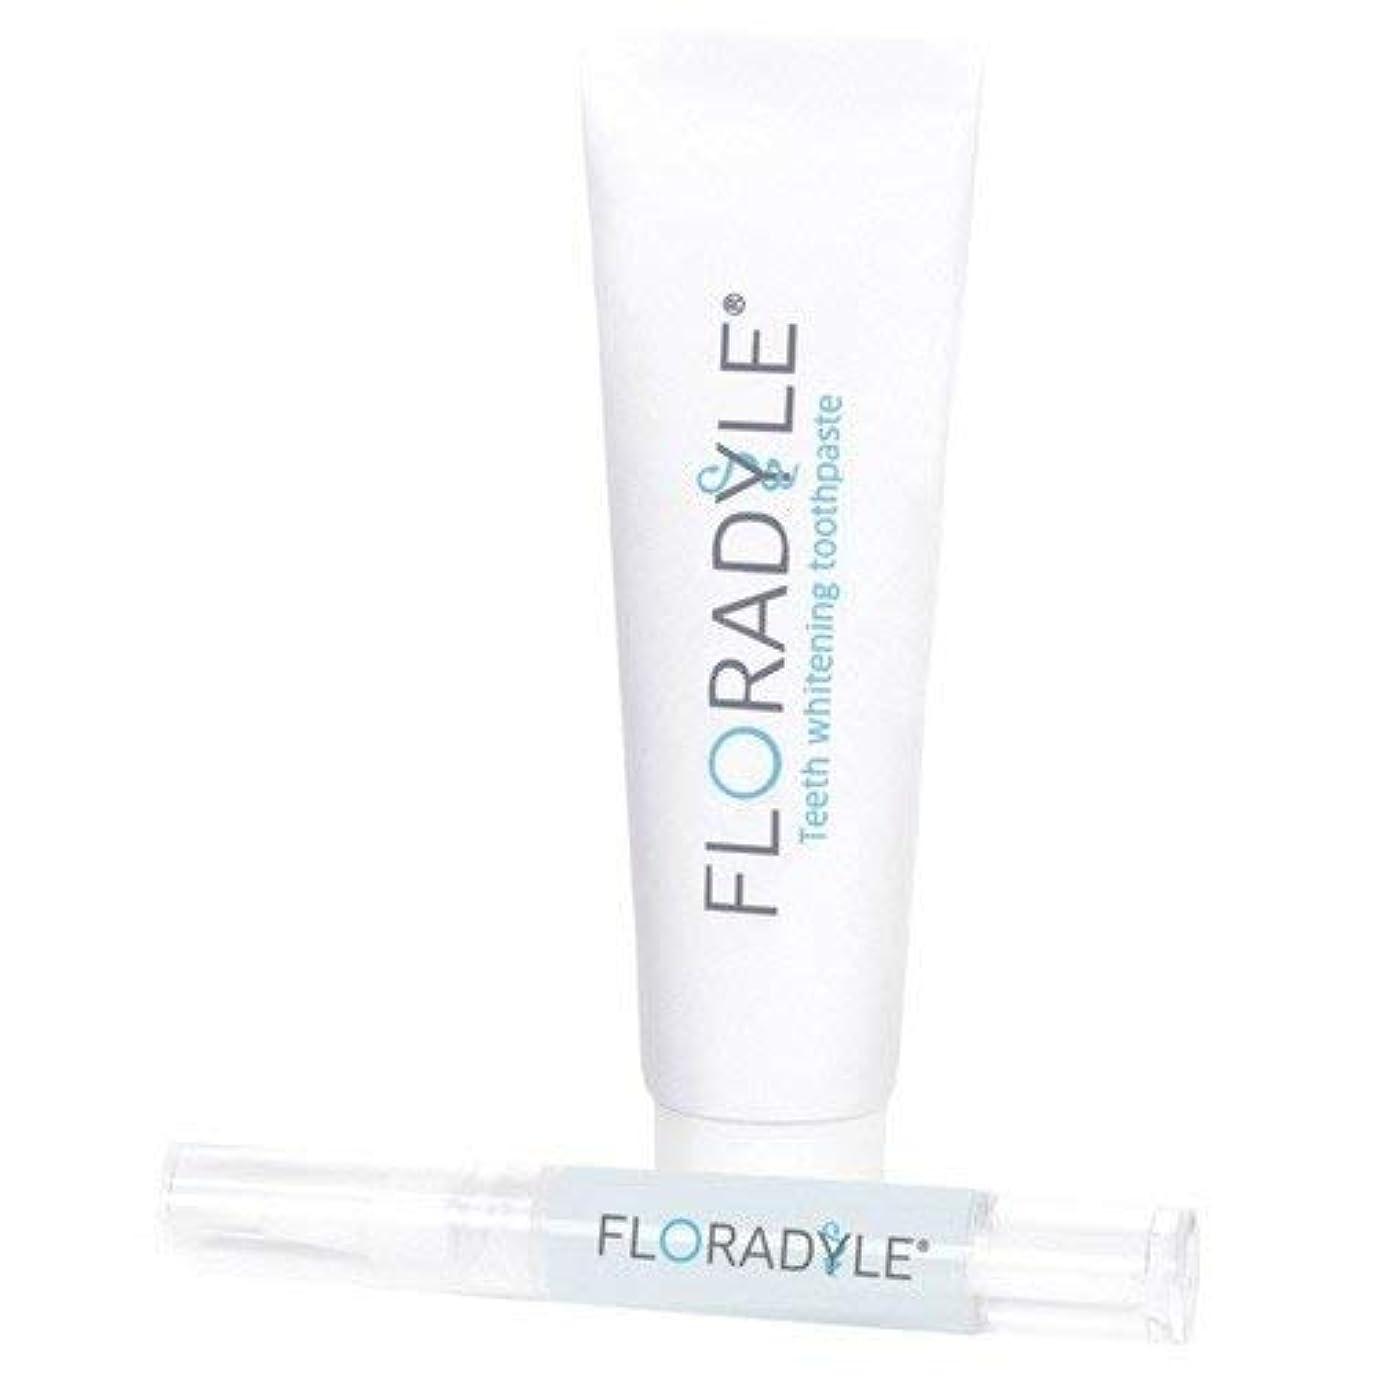 スクレーパーこねる母Floradyle(フロラダイル) ホワイトニングジェル&ホワイトニング歯磨き粉 セット